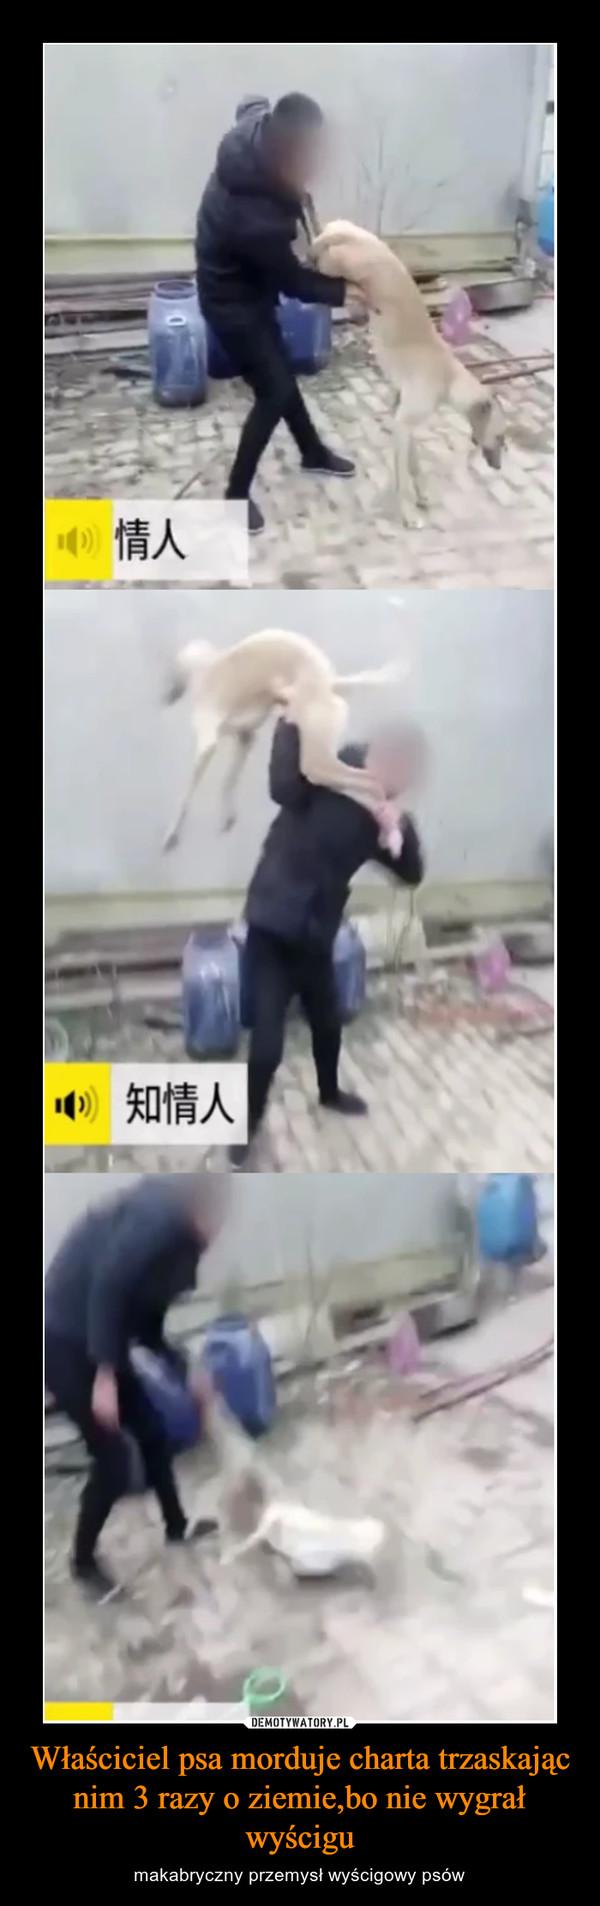 Właściciel psa morduje charta trzaskając nim 3 razy o ziemie,bo nie wygrał wyścigu – makabryczny przemysł wyścigowy psów